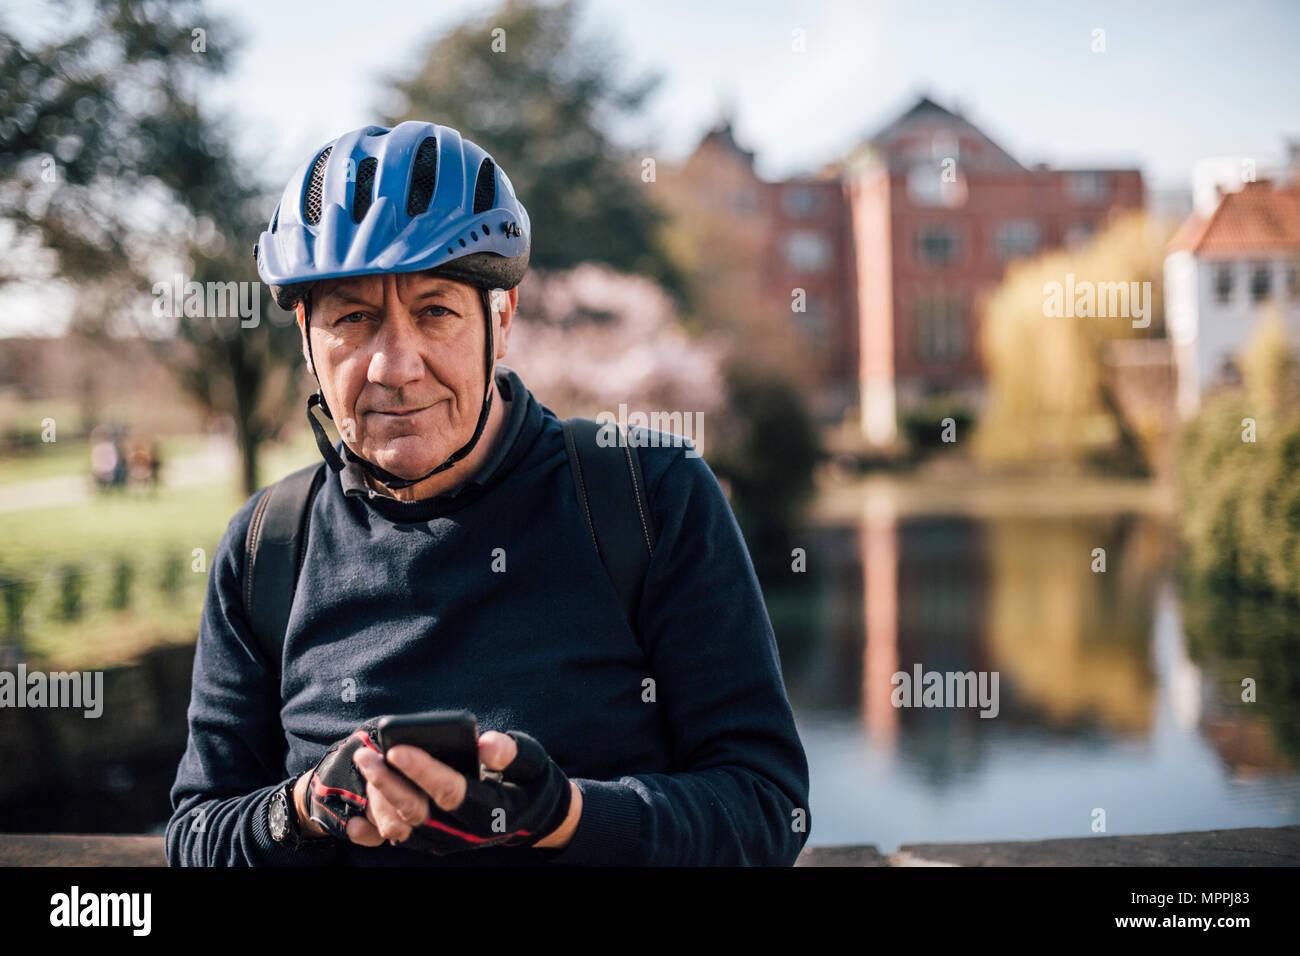 Portrait von älteren Mann mit Radfahren mit Smartphone Helm Stockbild